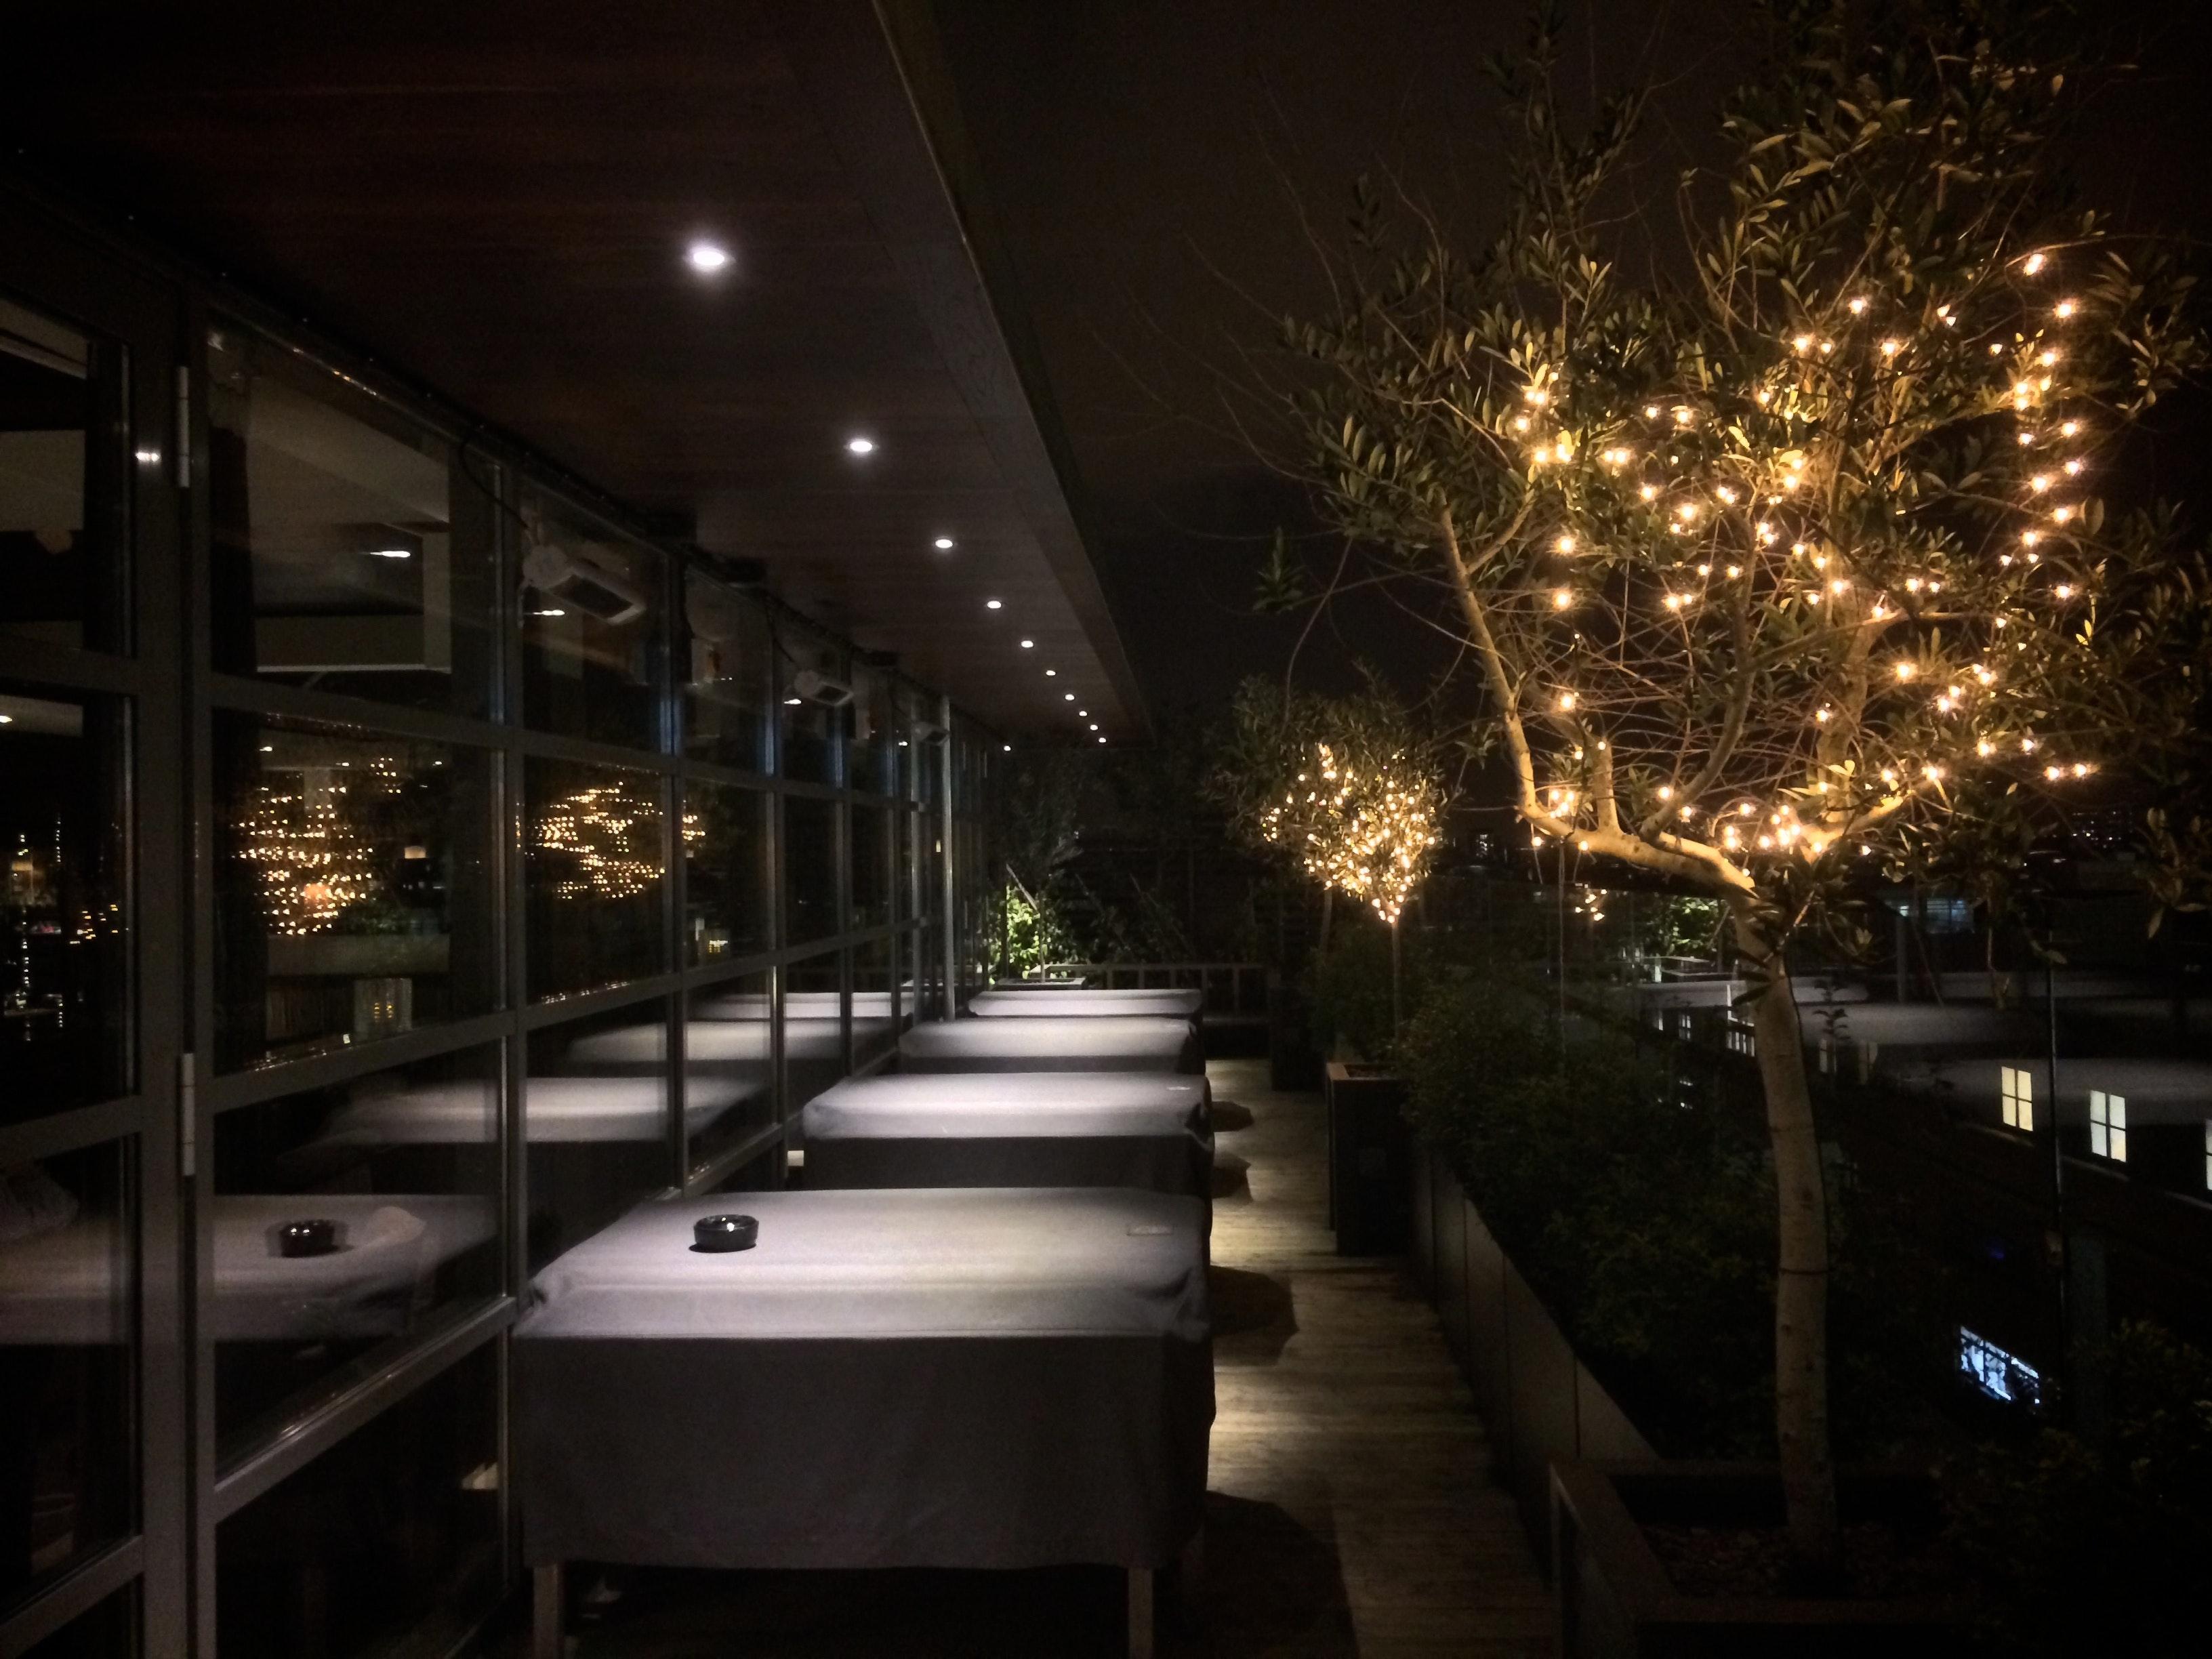 Weihnachtsbeleuchtung Für Balkongeländer.Kostenloses Foto Zum Thema Balkon Weihnachtsbeleuchtung